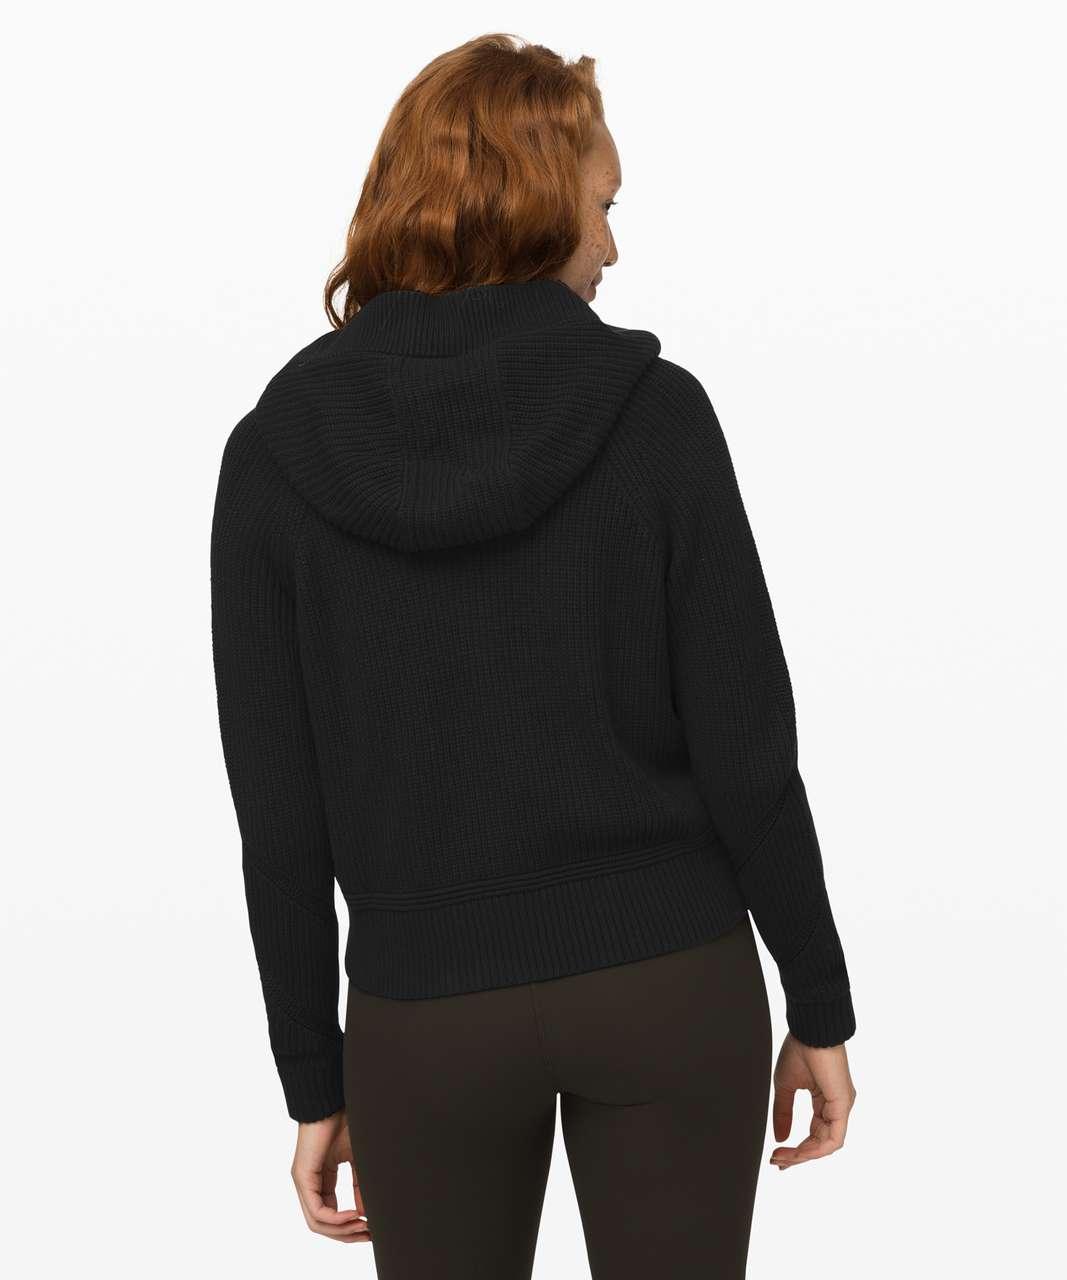 Lululemon Rest Assured Full Zip Hoodie - Black